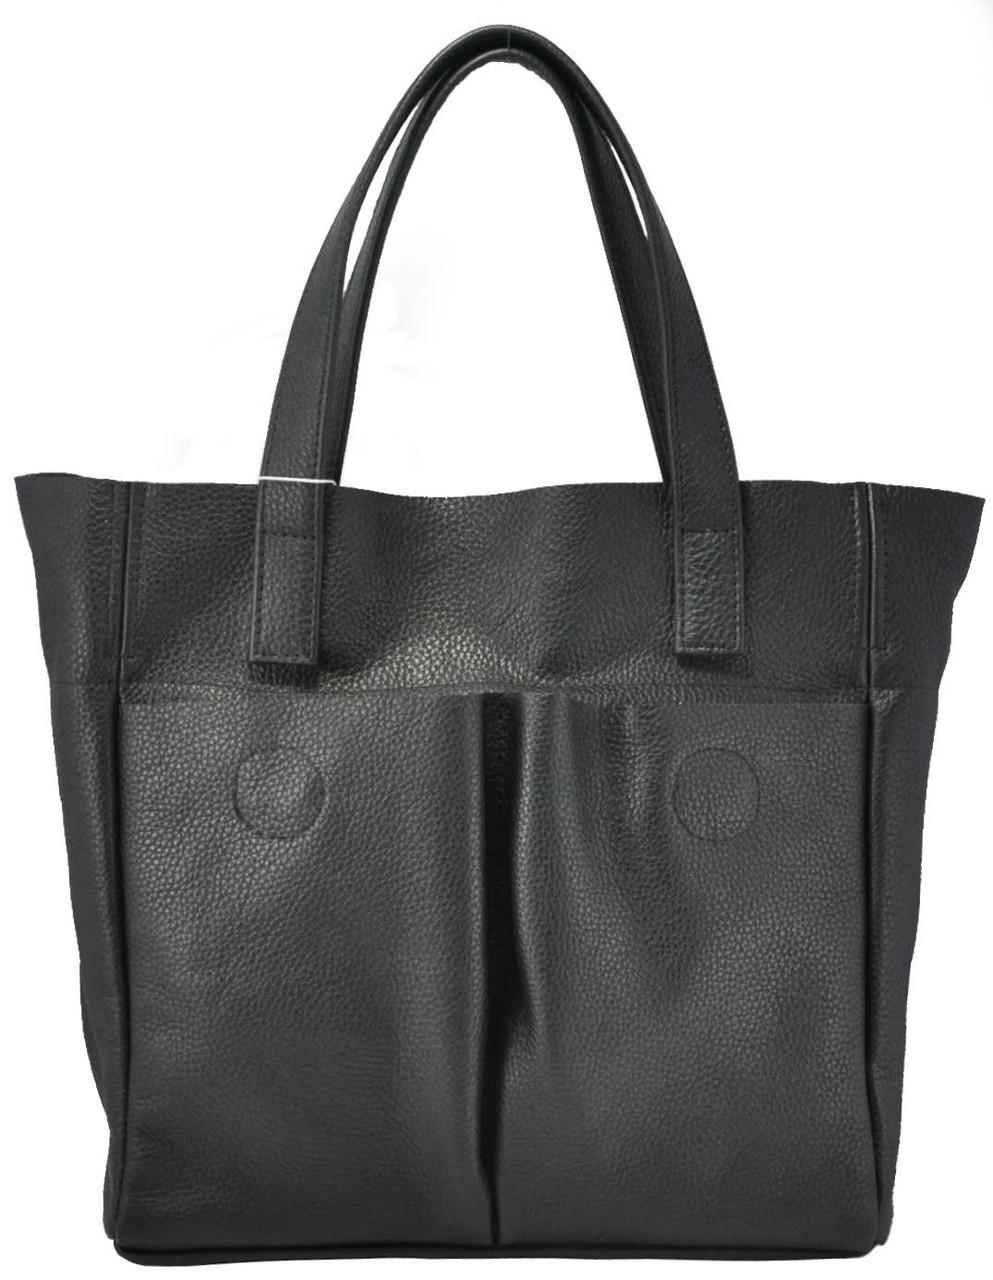 adcc8102b531 Черная женская кожаная сумка с карманами - Интернет магазин